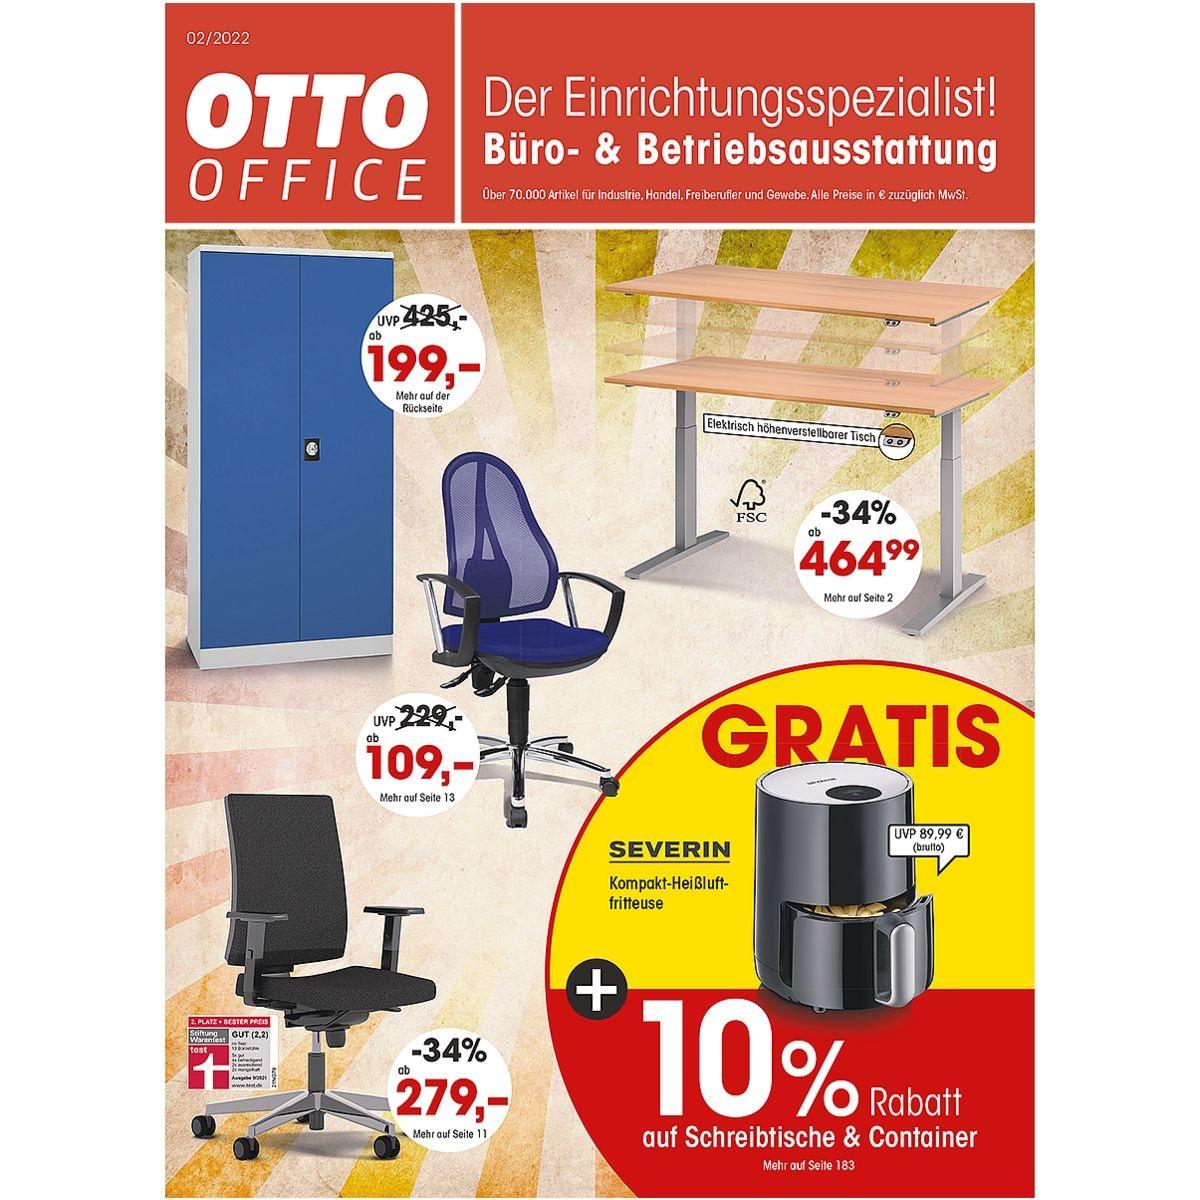 OTTO Office Möbelkatalog - Bei OTTO Office günstig kaufen.